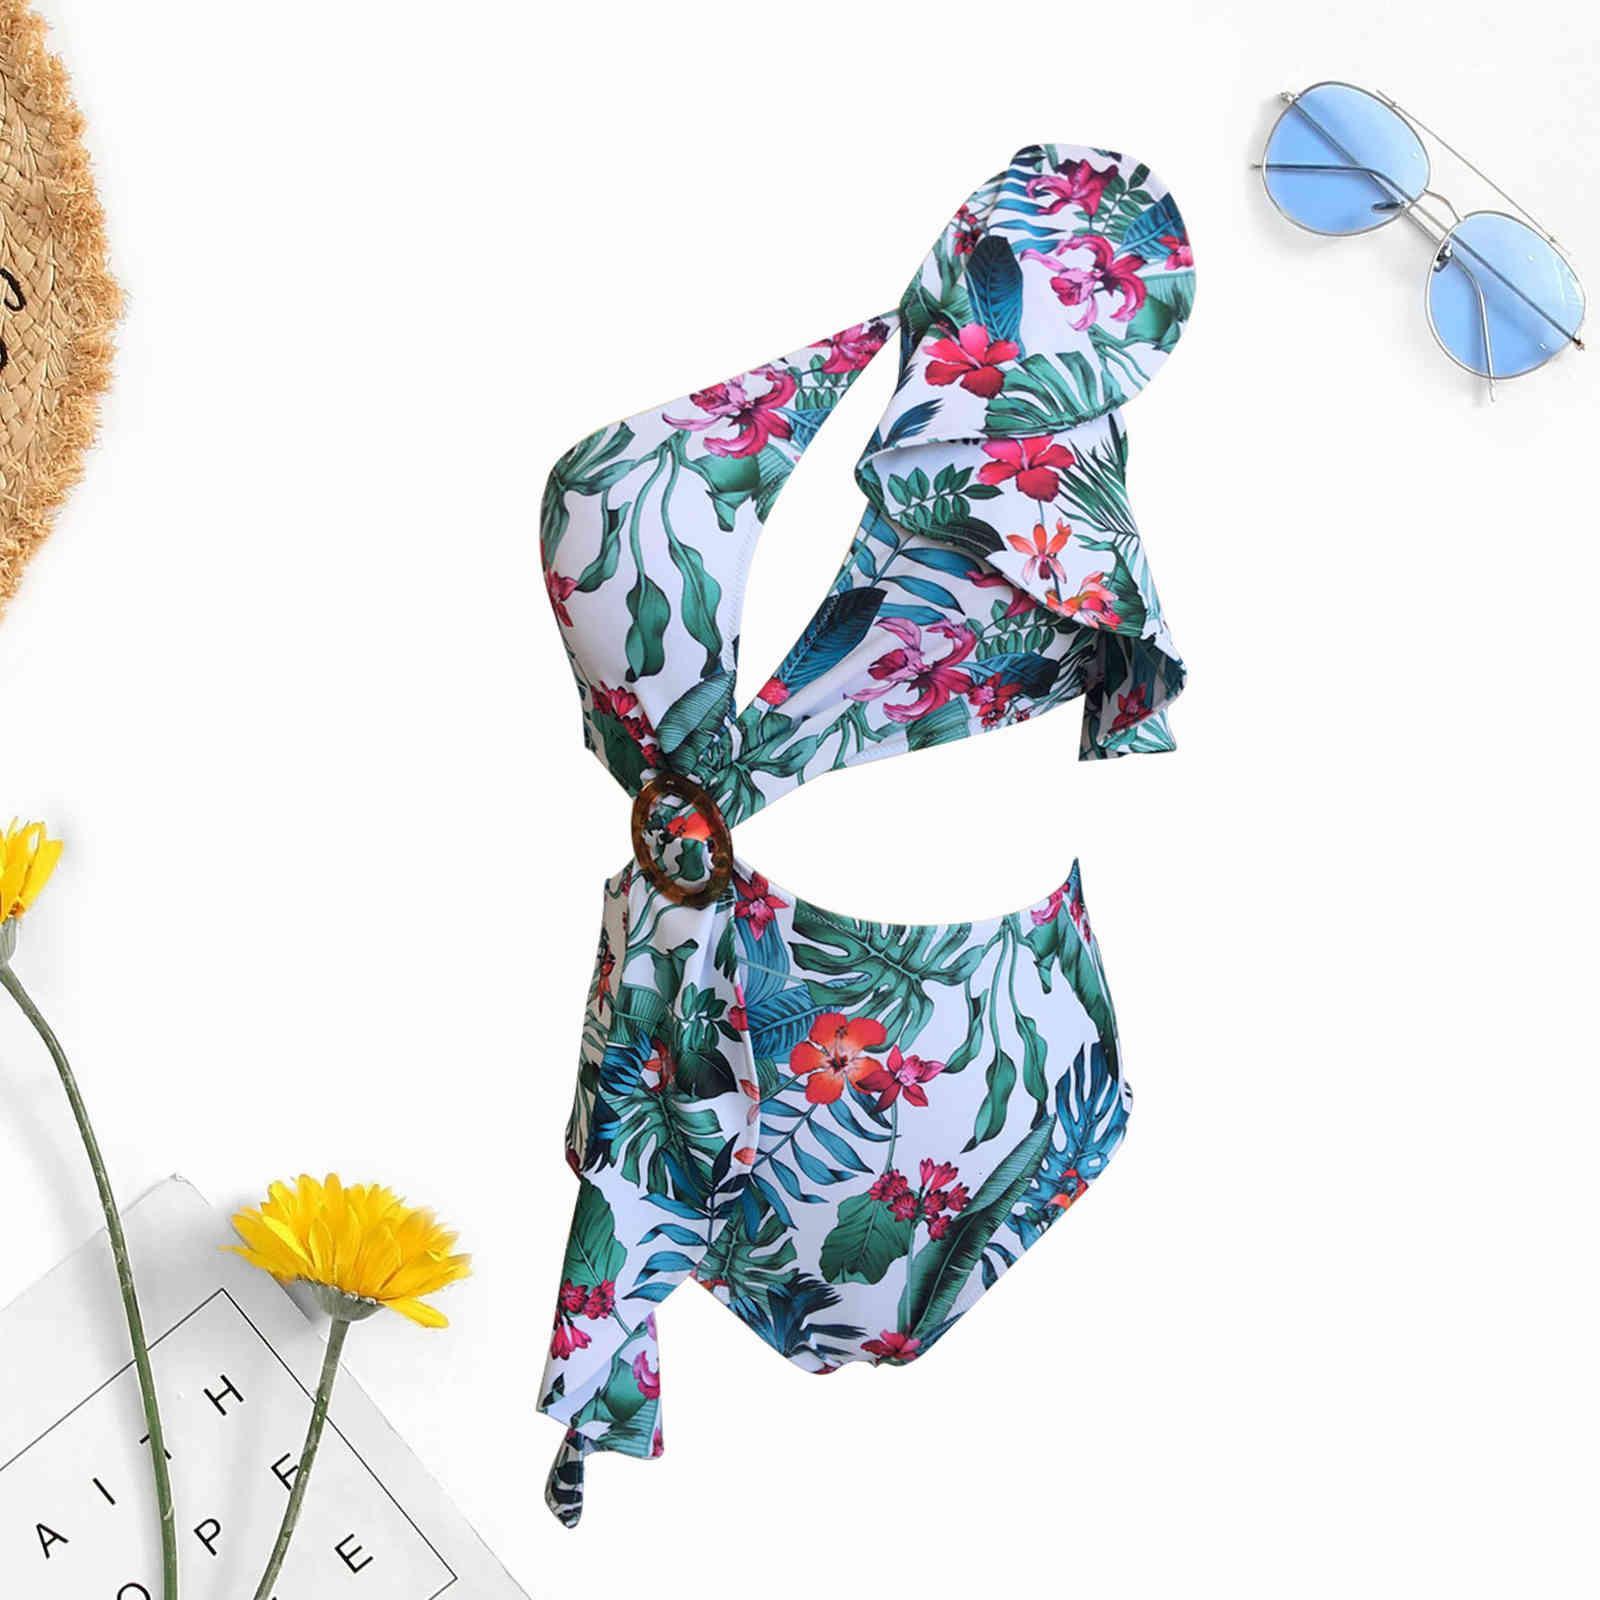 Trajes de baño Mujeres 2021 Traje de baño de una sola pieza Conservador de mujeres Cintura alta para mujer Abra el traje de baño abierto